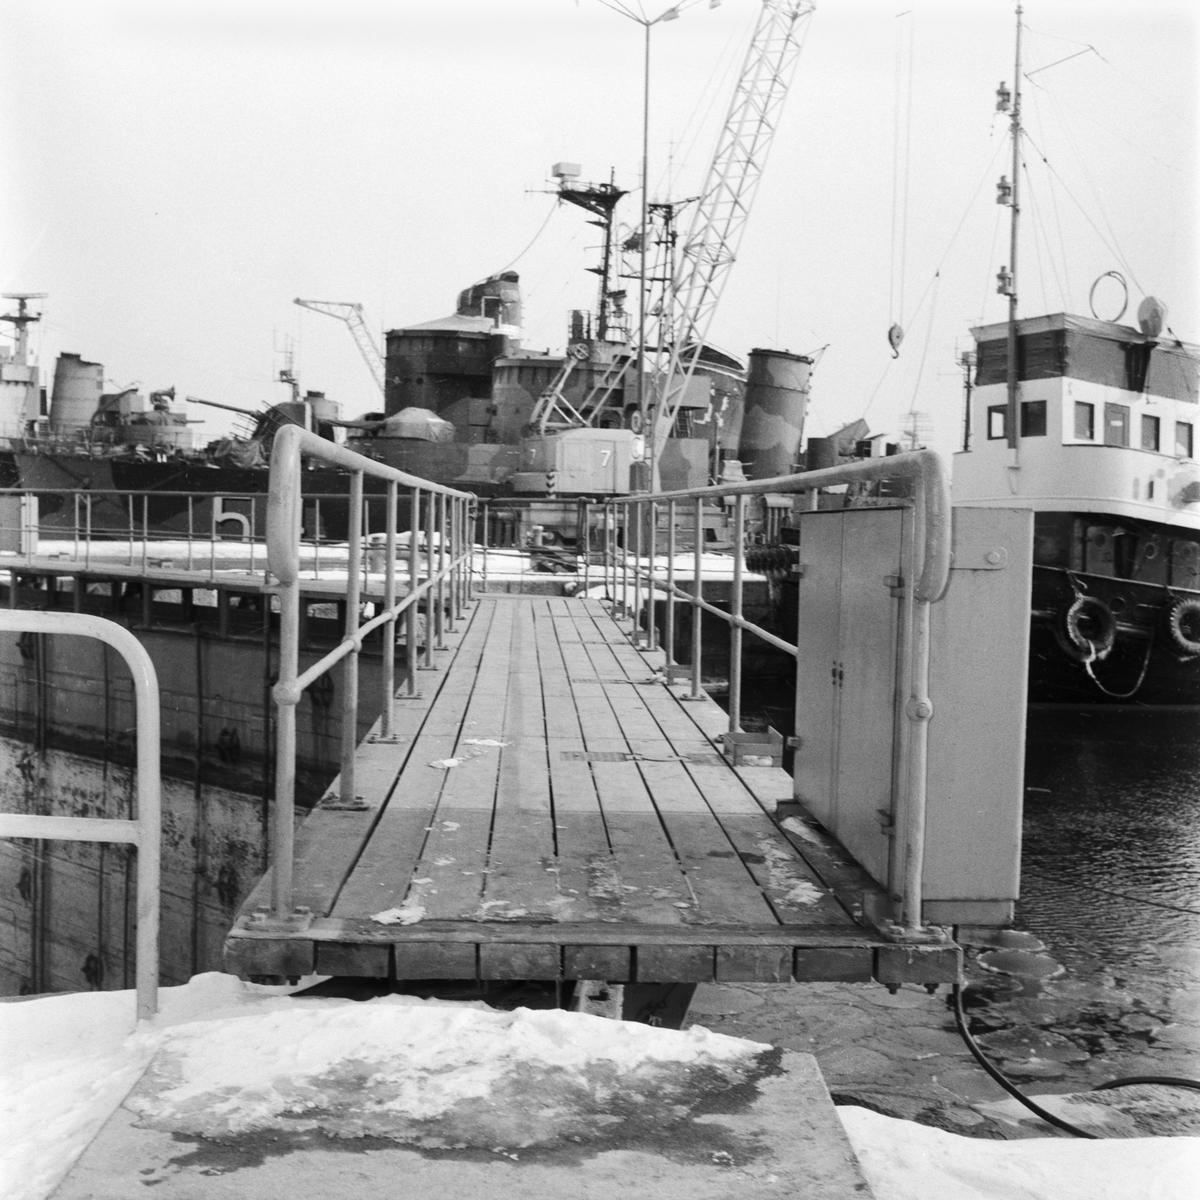 Övrigt: Foto datum: 21/3 1958 Byggnader och kranar Bilder till årsrapport oscarsdockan, skyddsrum A2, maskinverkstan